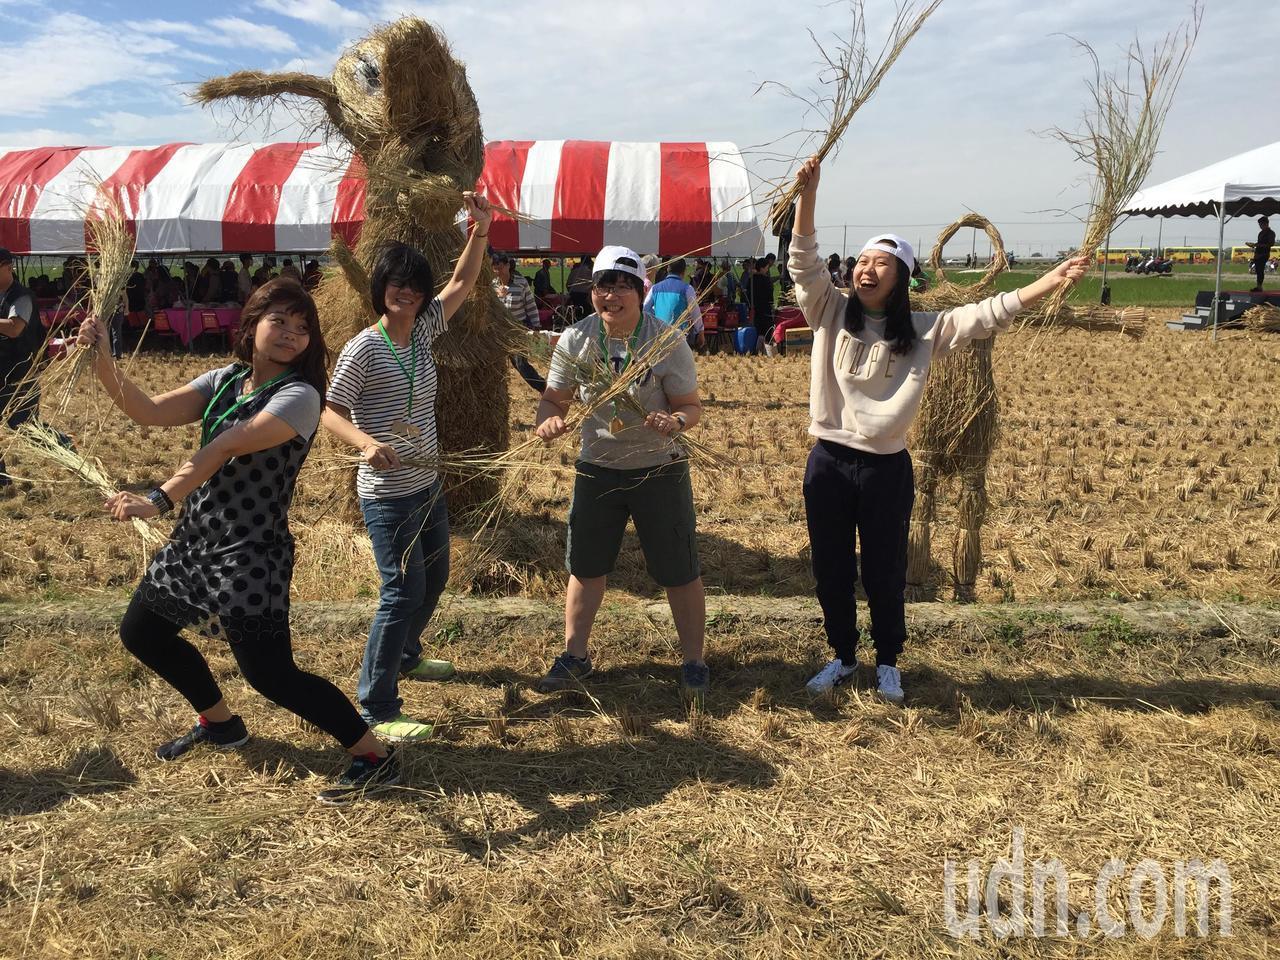 田間玩很大,吸引不少年輕人參加。記者吳政修/攝影